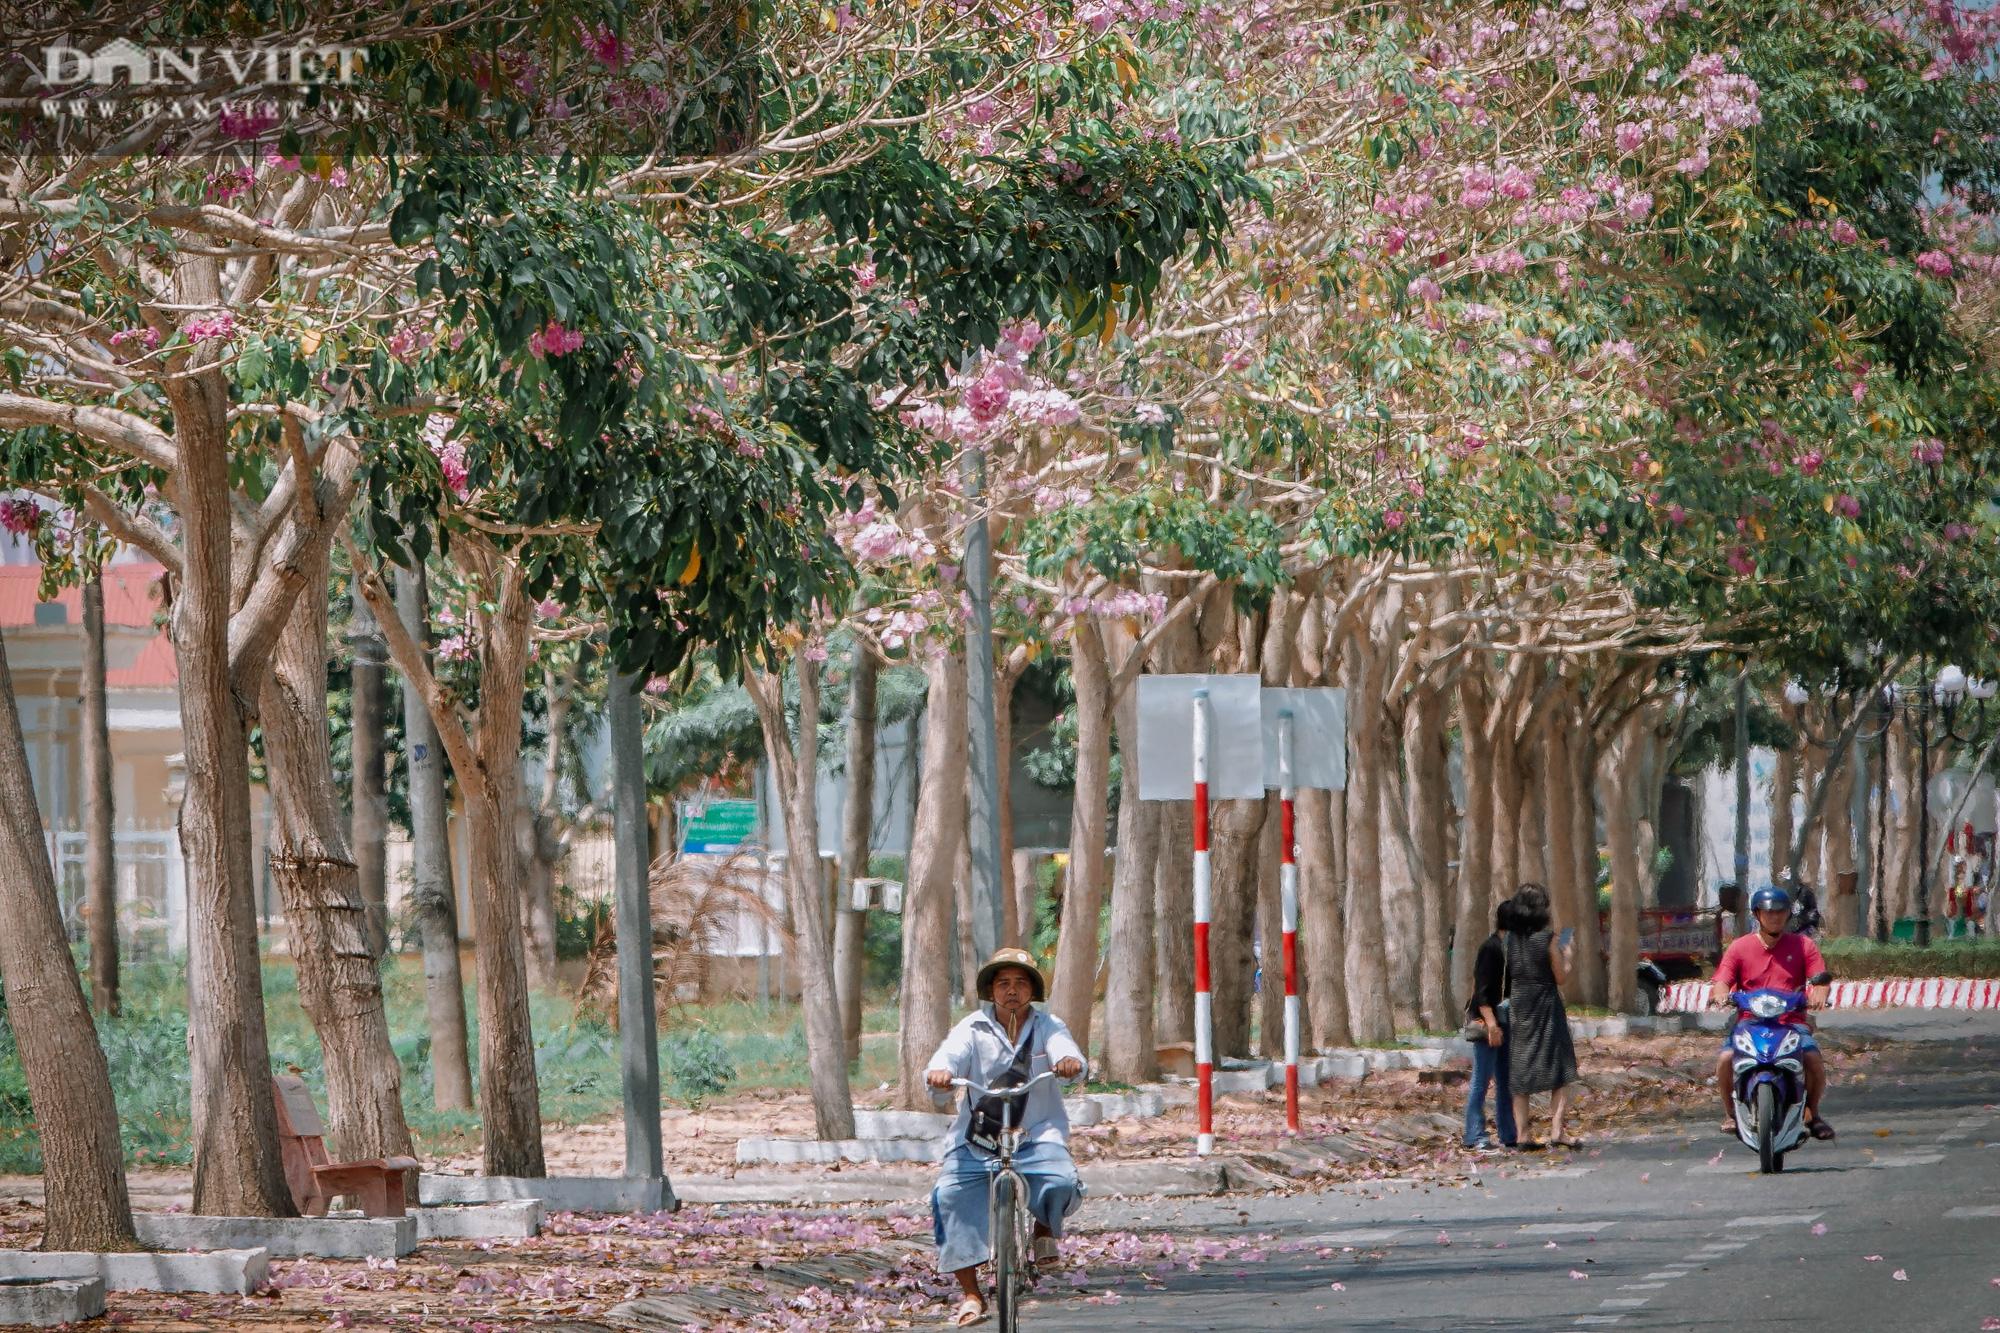 Giới trẻ đổ xô check in tại con đường hoa kèn hồng đẹp như phim Hàn Quốc ở miền Tây - Ảnh 3.